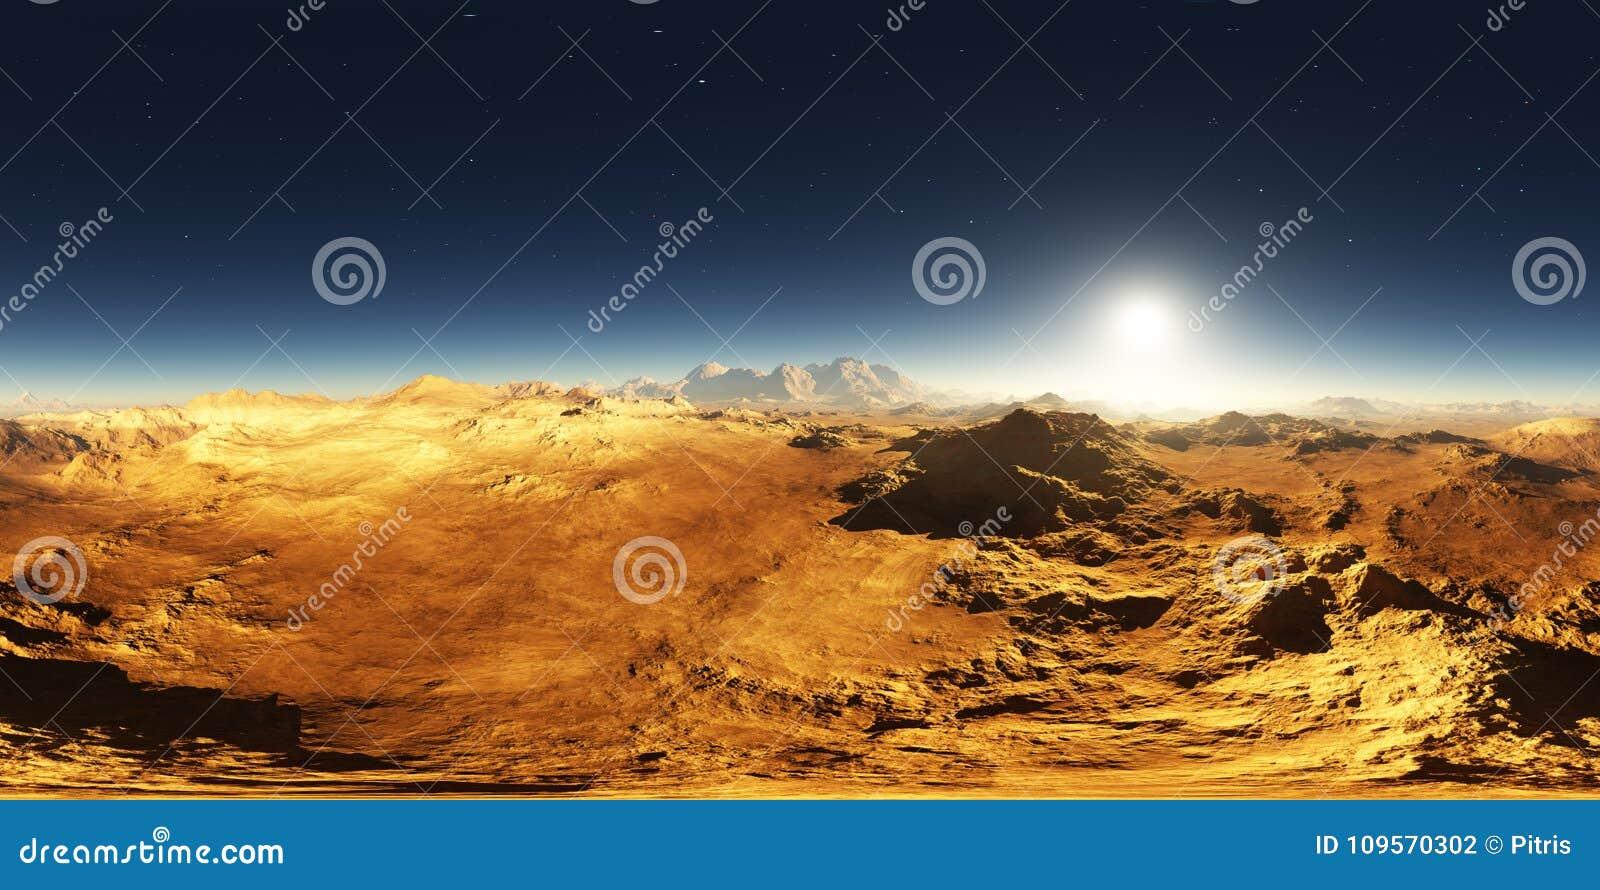 Panorama Mars zmierzch Marsjański krajobraz, środowiska 360 HDRI mapa Equirectangular projekcja, bańczasta panorama